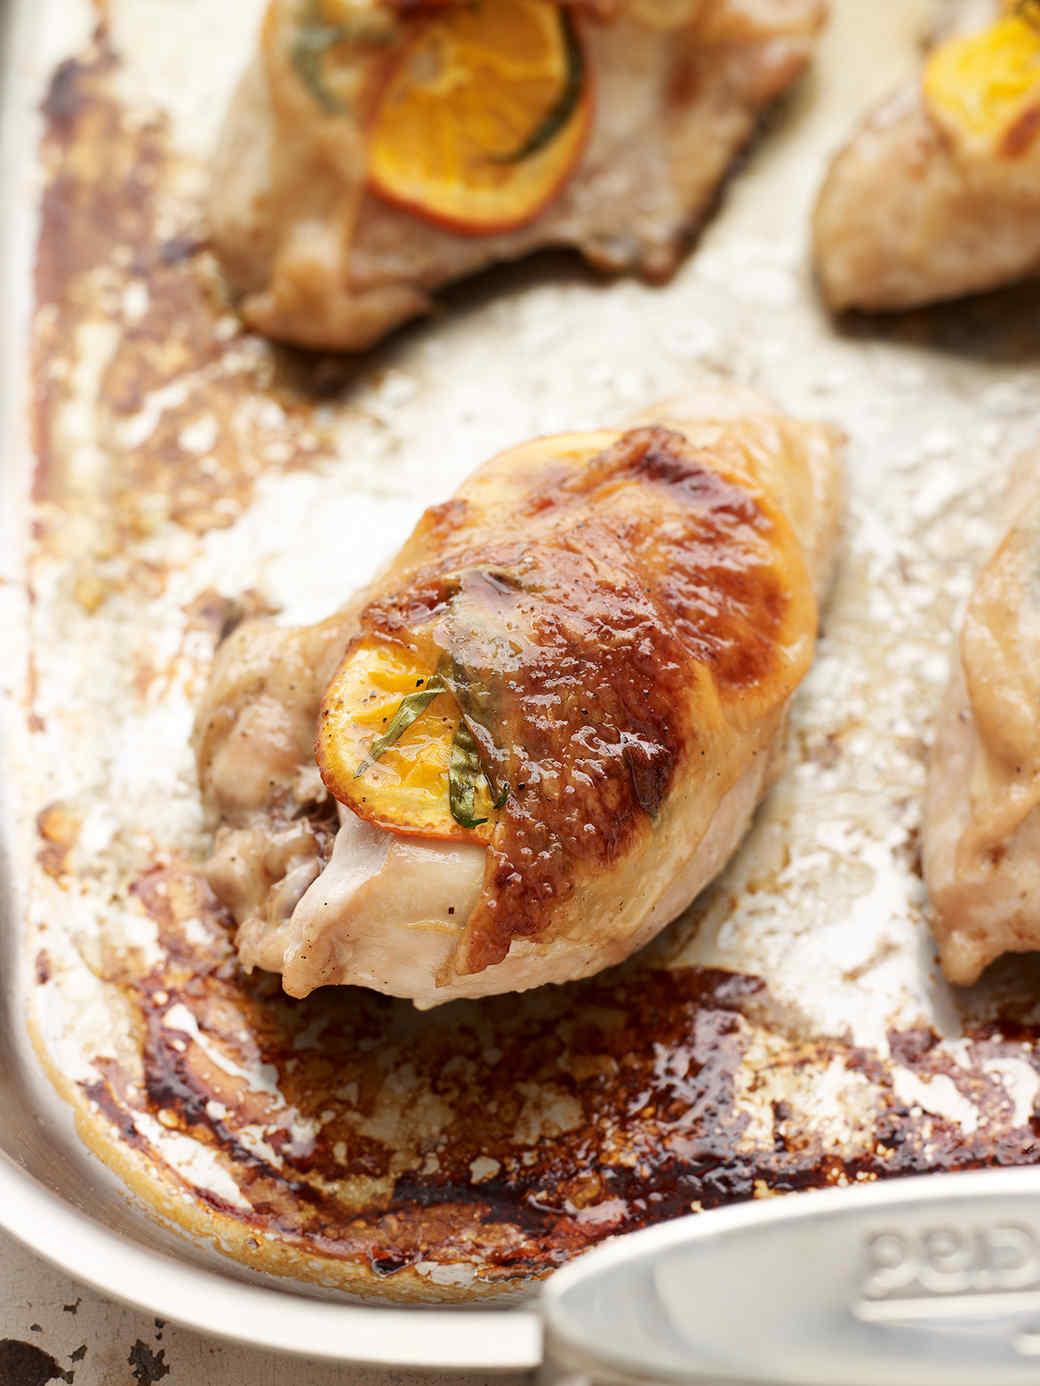 Tangelo-Stuffed Chicken Breasts